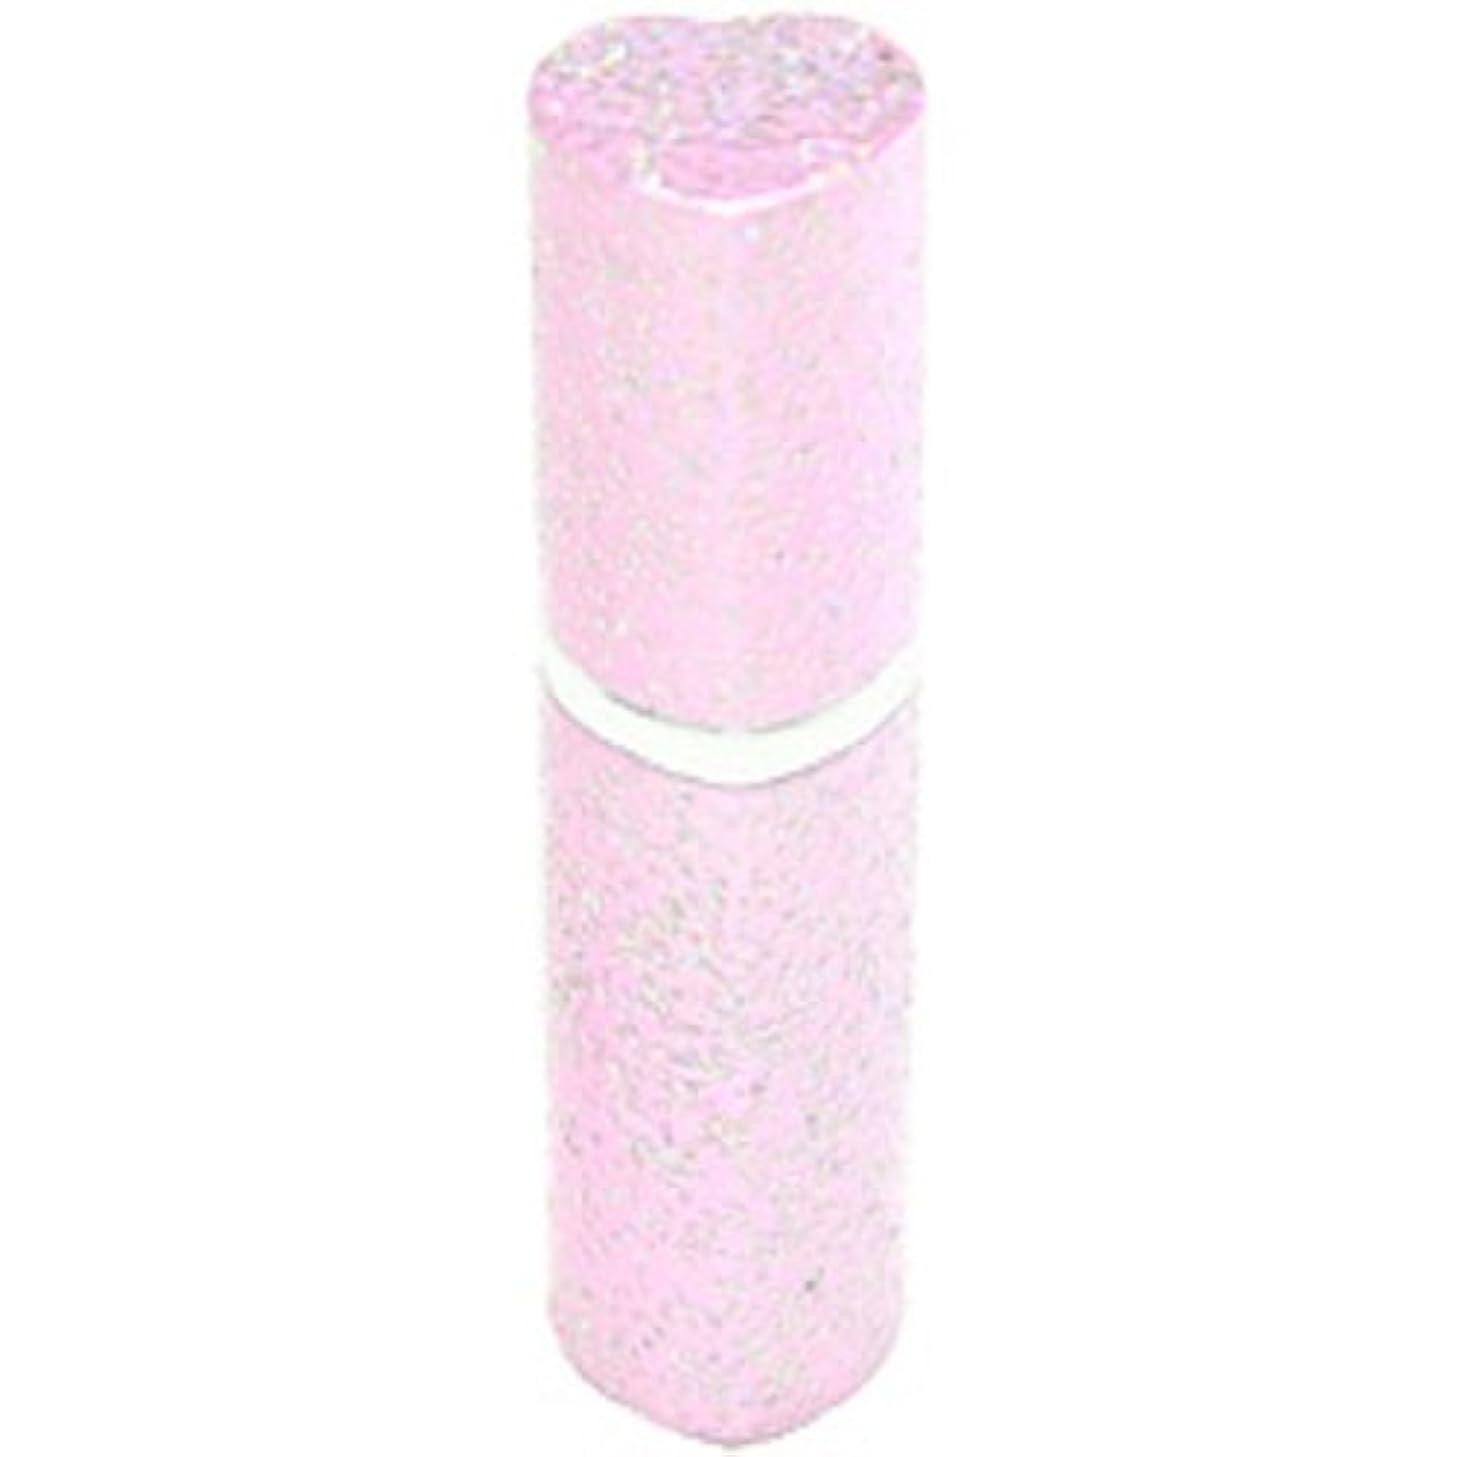 ペック明るくする見せますアトマイザー ラメハート ピンク 3ml 香水入れ